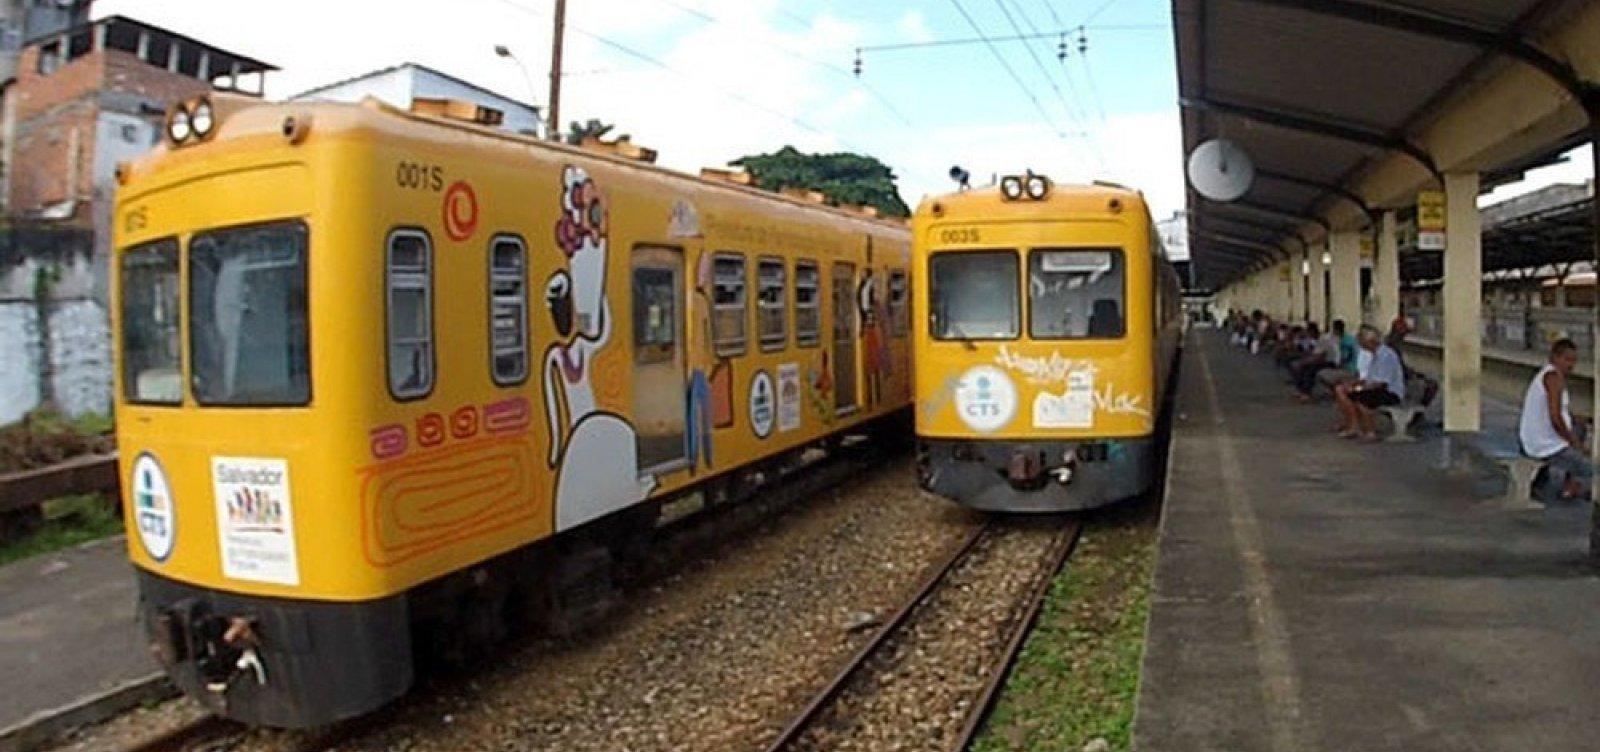 [Um dos trens do subúrbio entra em manutenção e tempo de espera para embarque triplica ]